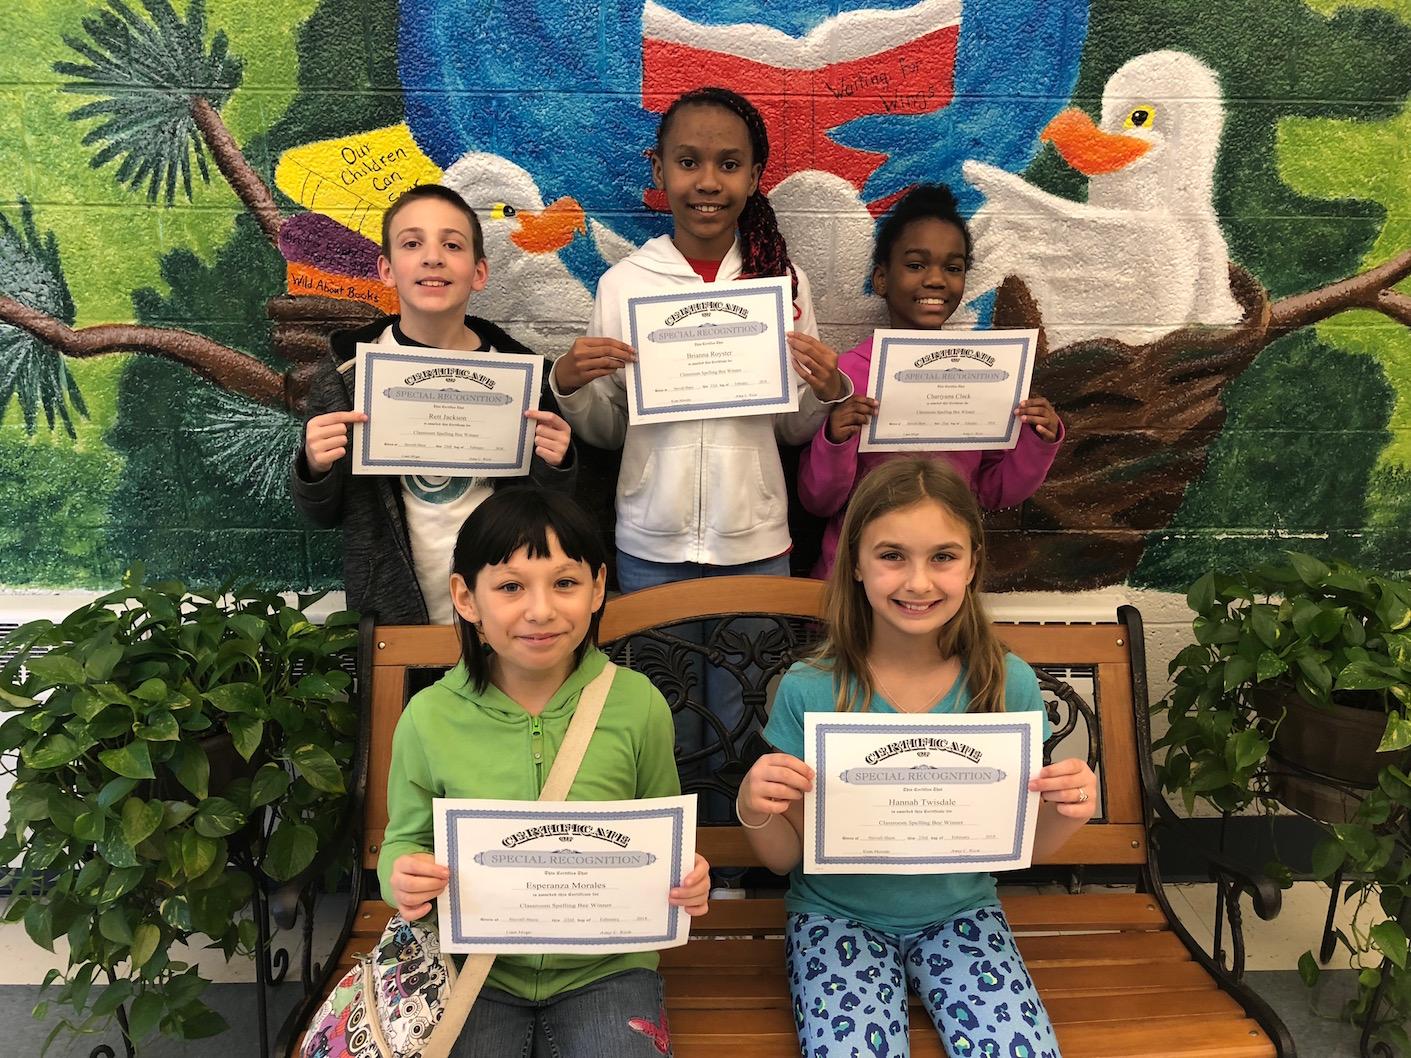 Fifth Grade Spelling Bee Winners